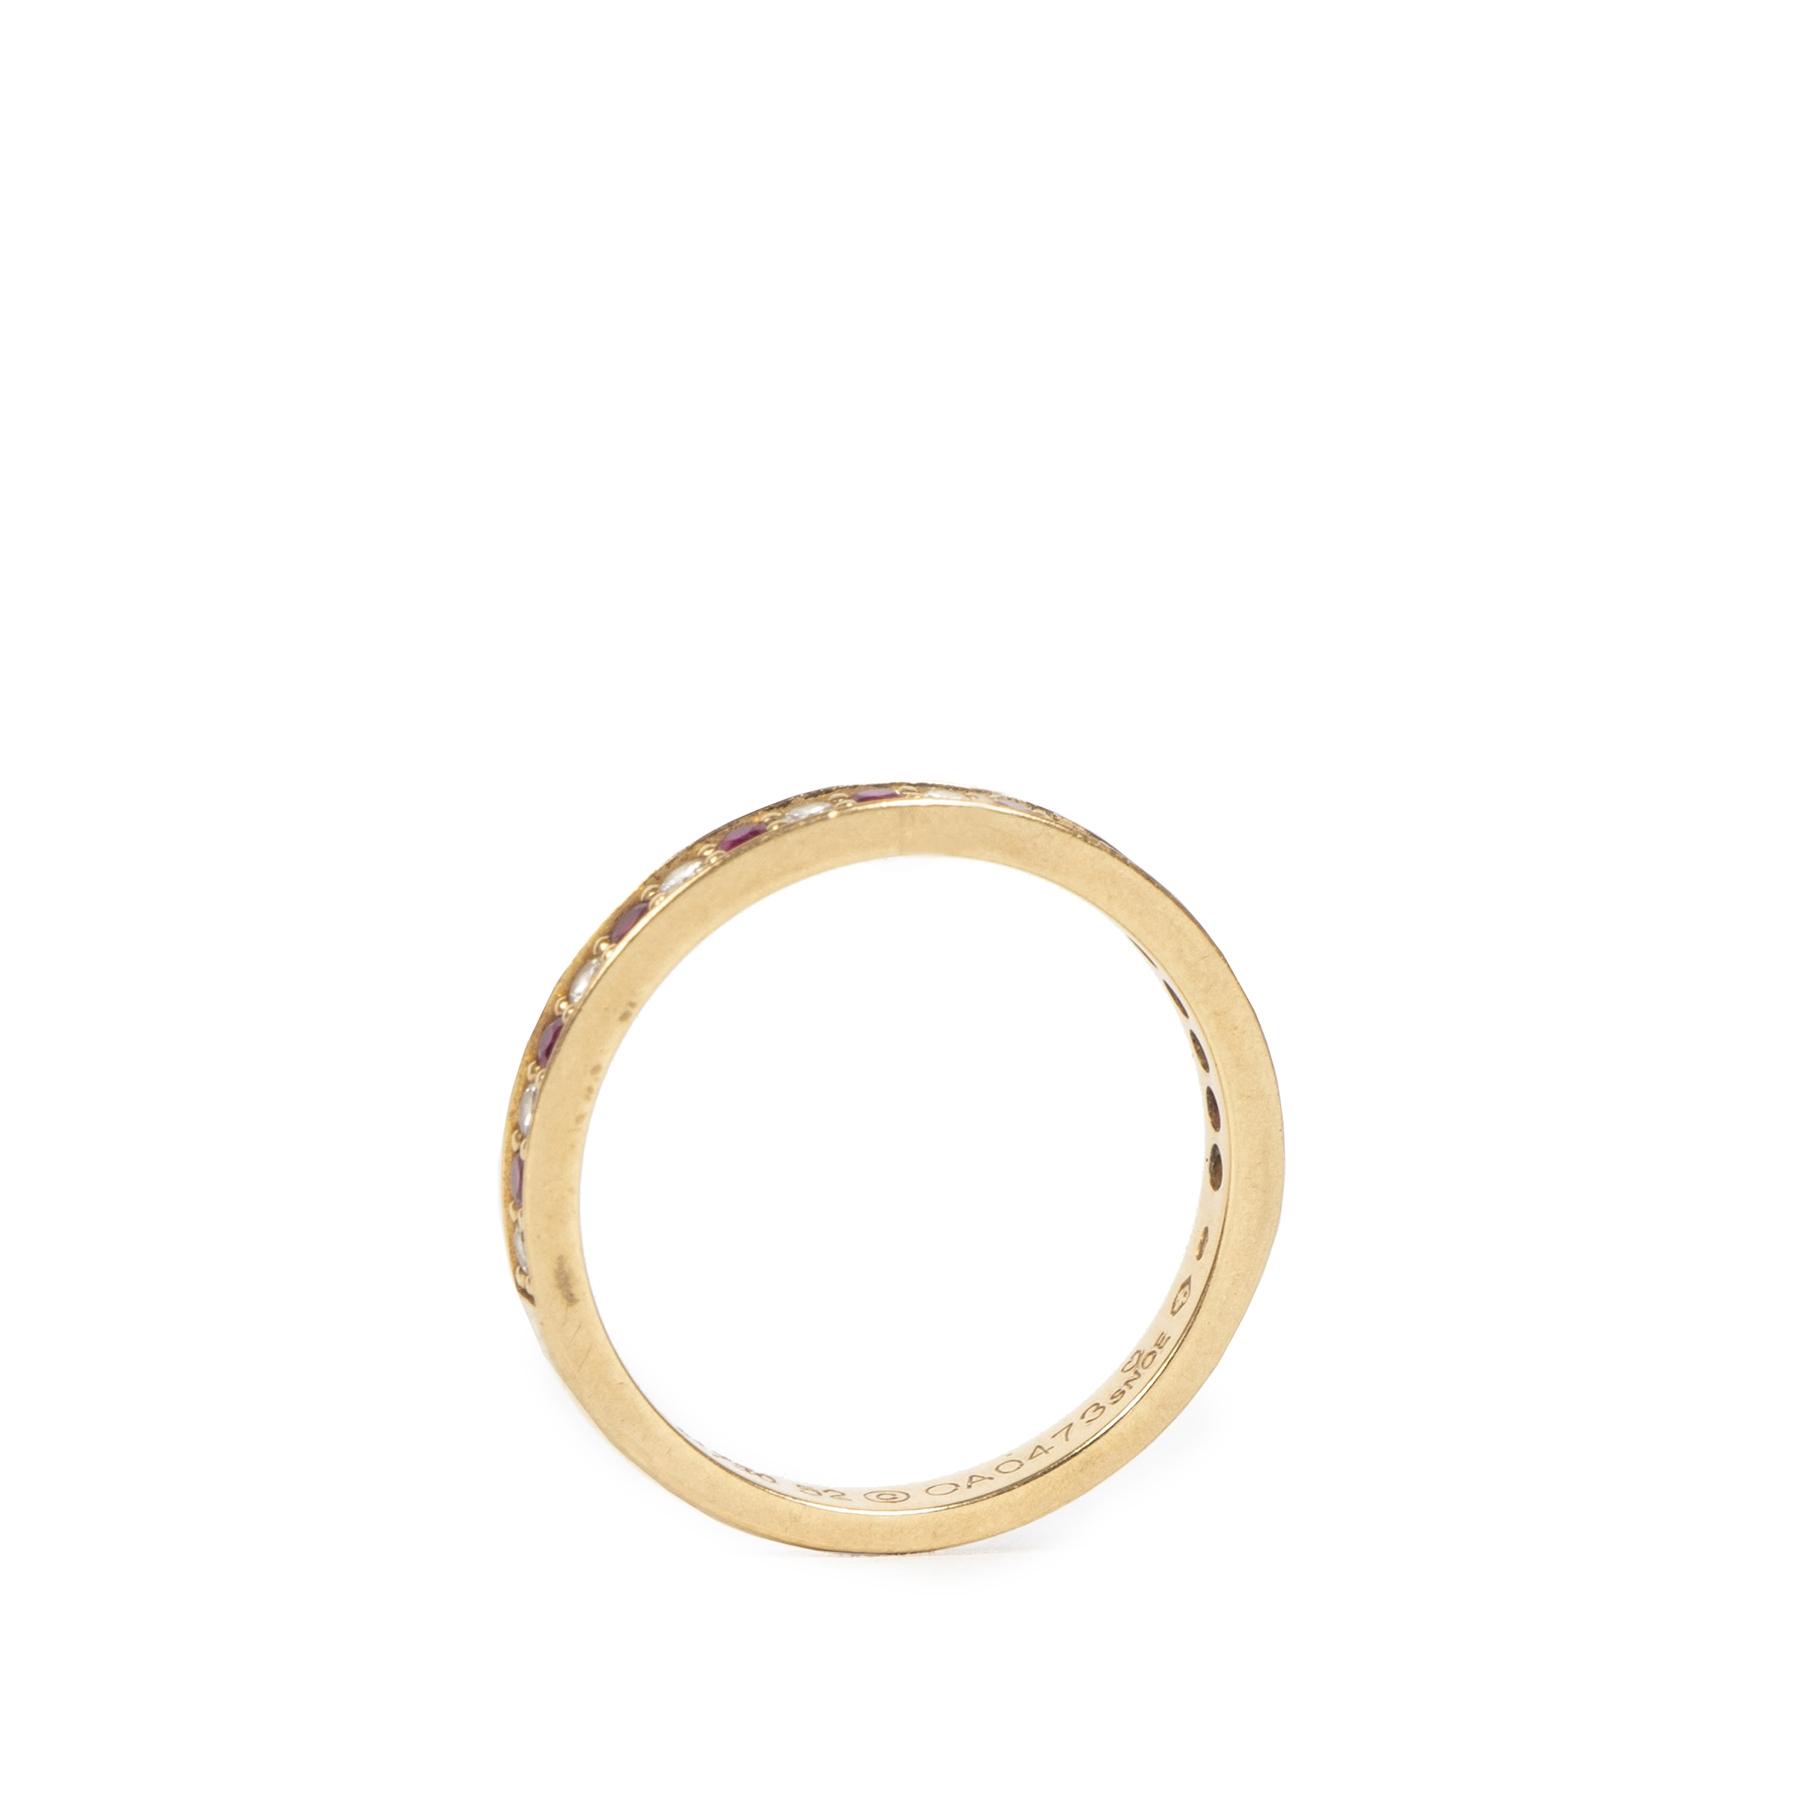 Authentieke Tweedehands Cartier Gold Half Eternity Diamond Ruby 18 Karat Ring juiste prijs veilig online shoppen luxe merken webshop winkelen Antwerpen België gouden ring 18 karaat